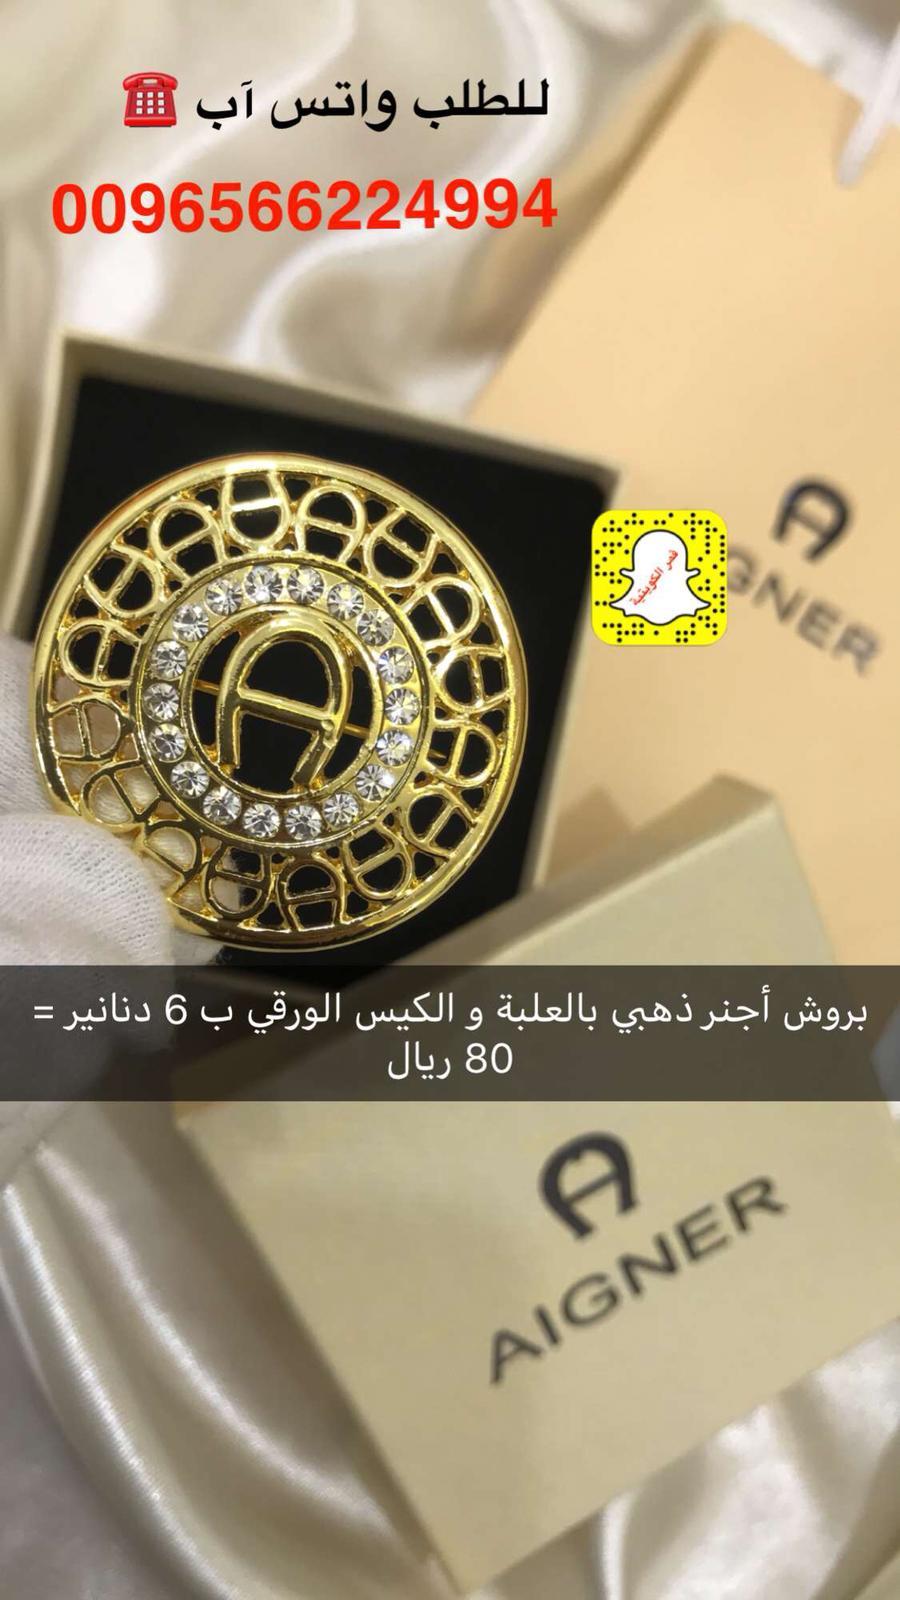 2e249e43d السعر 8 دينار كويتي = 100 ريال سعودي